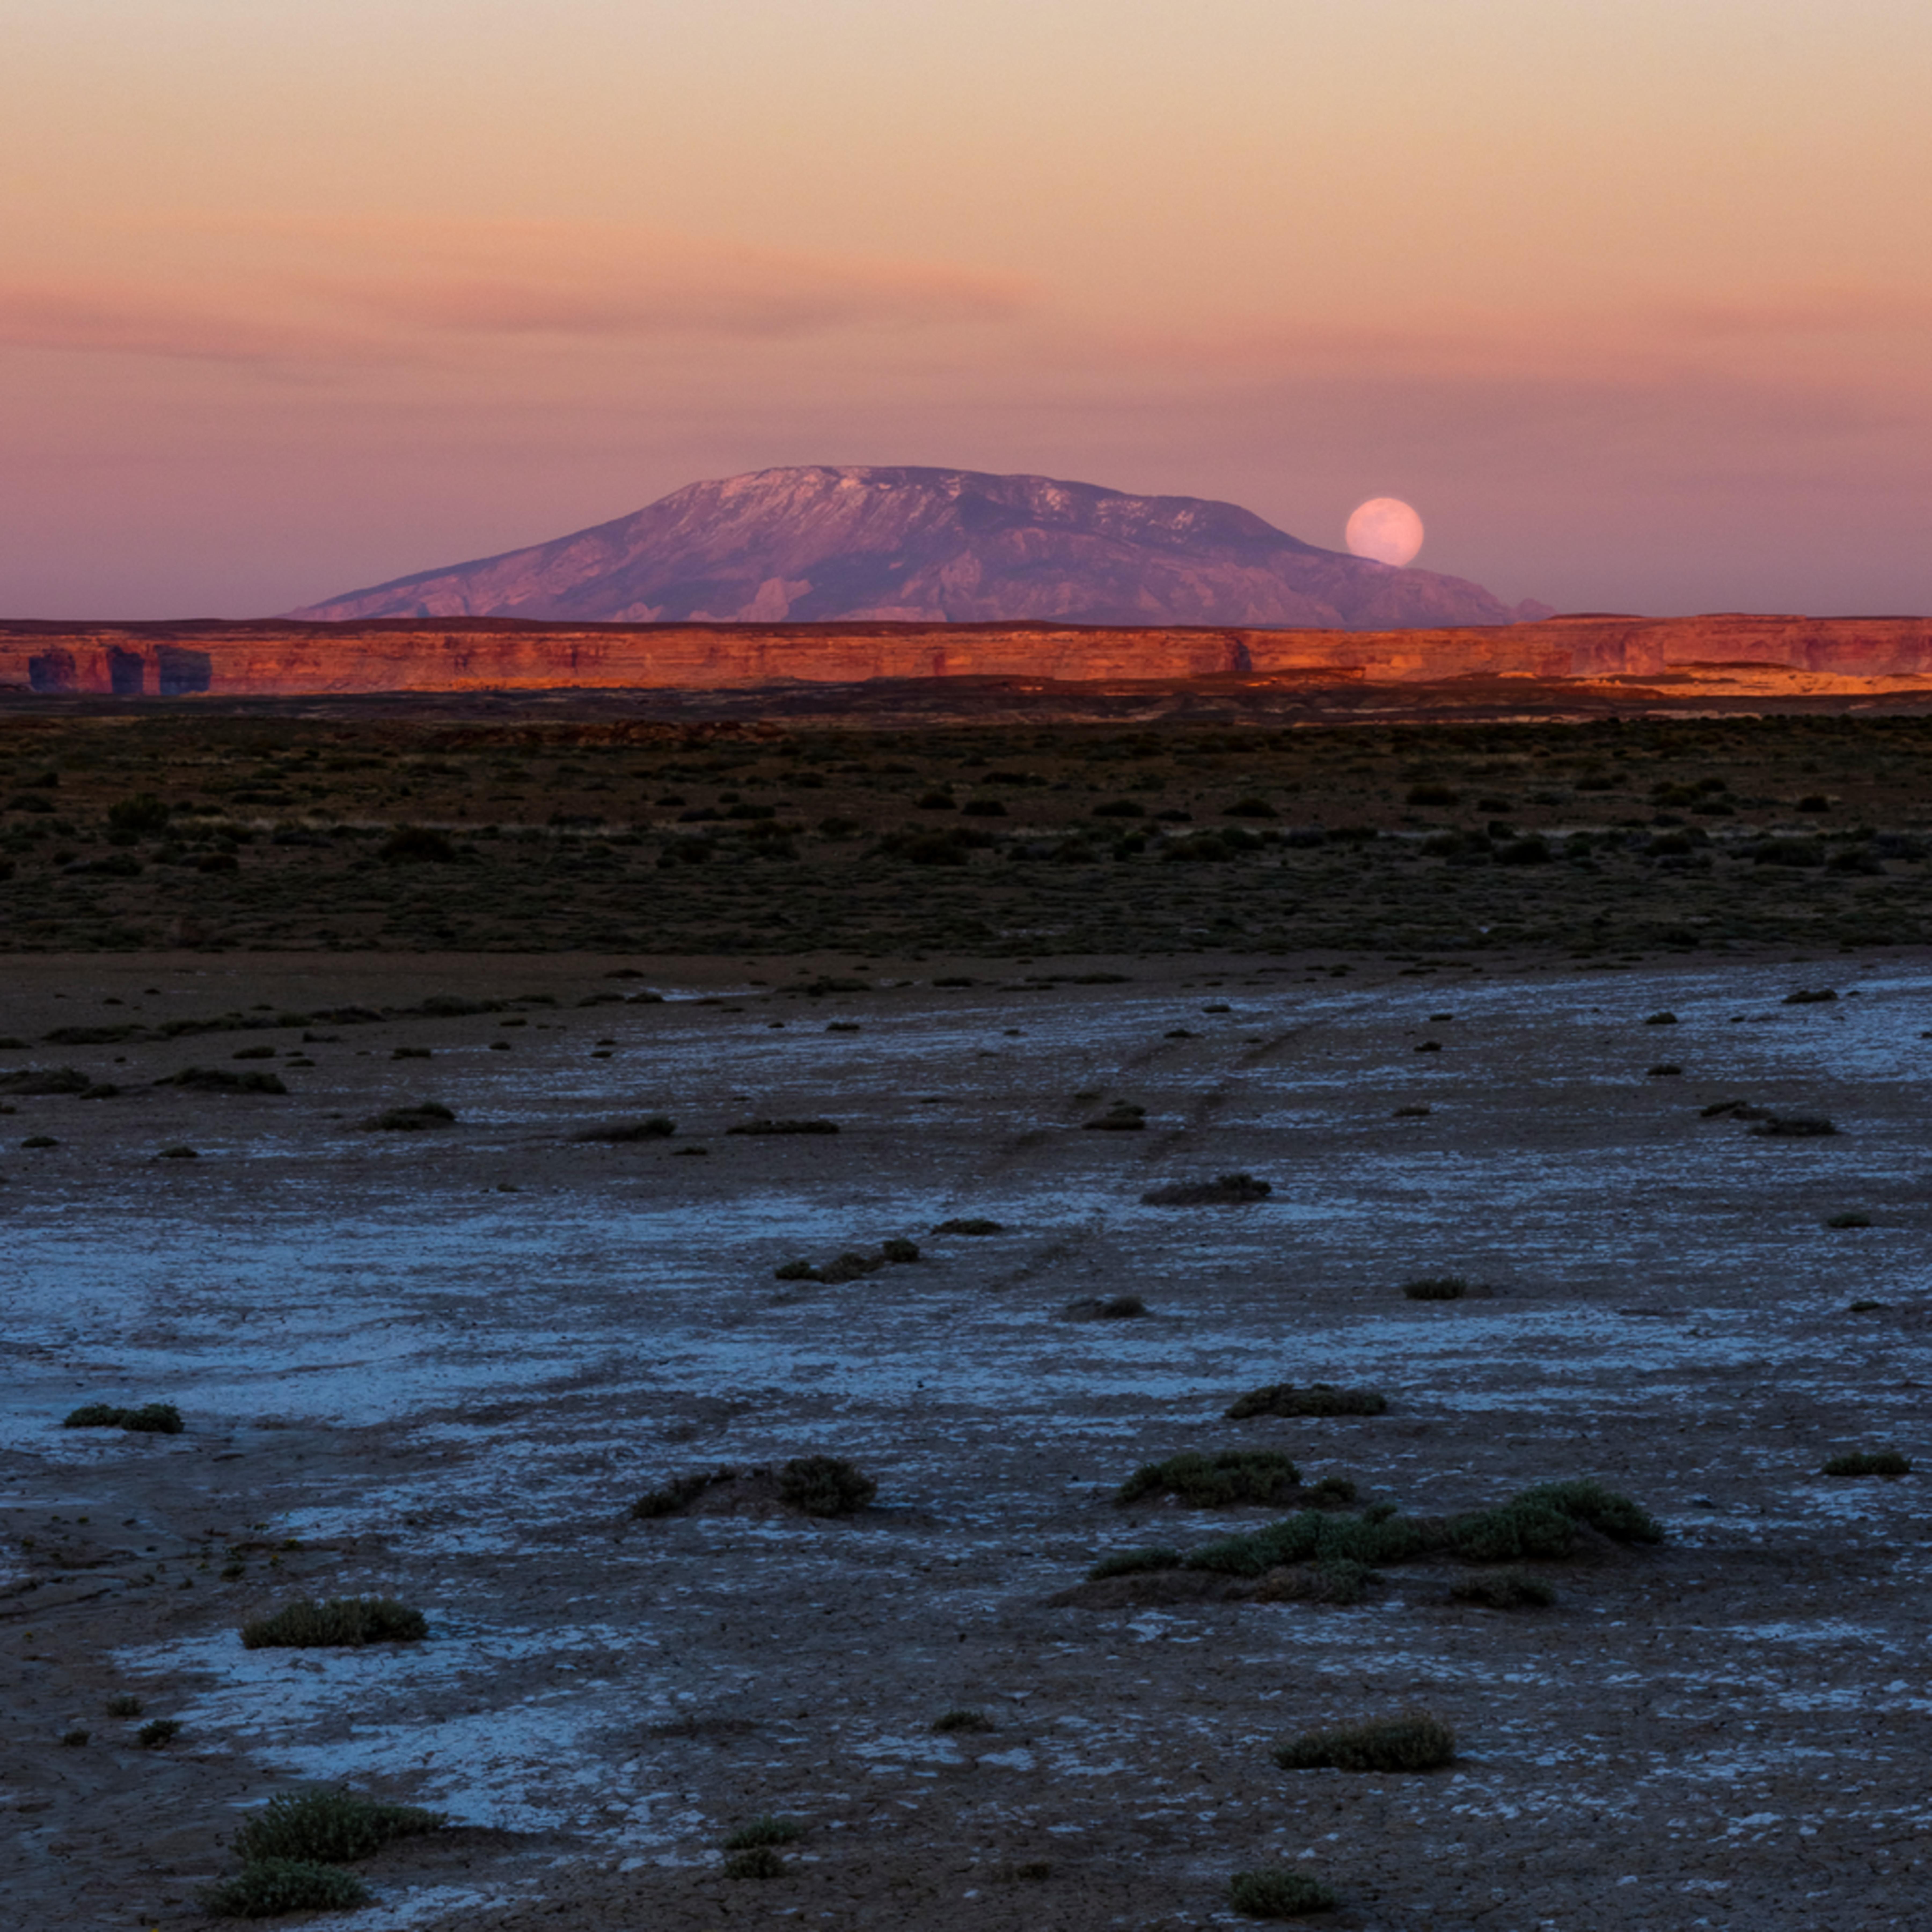 Moonrise over navajo mountain hpqjfv